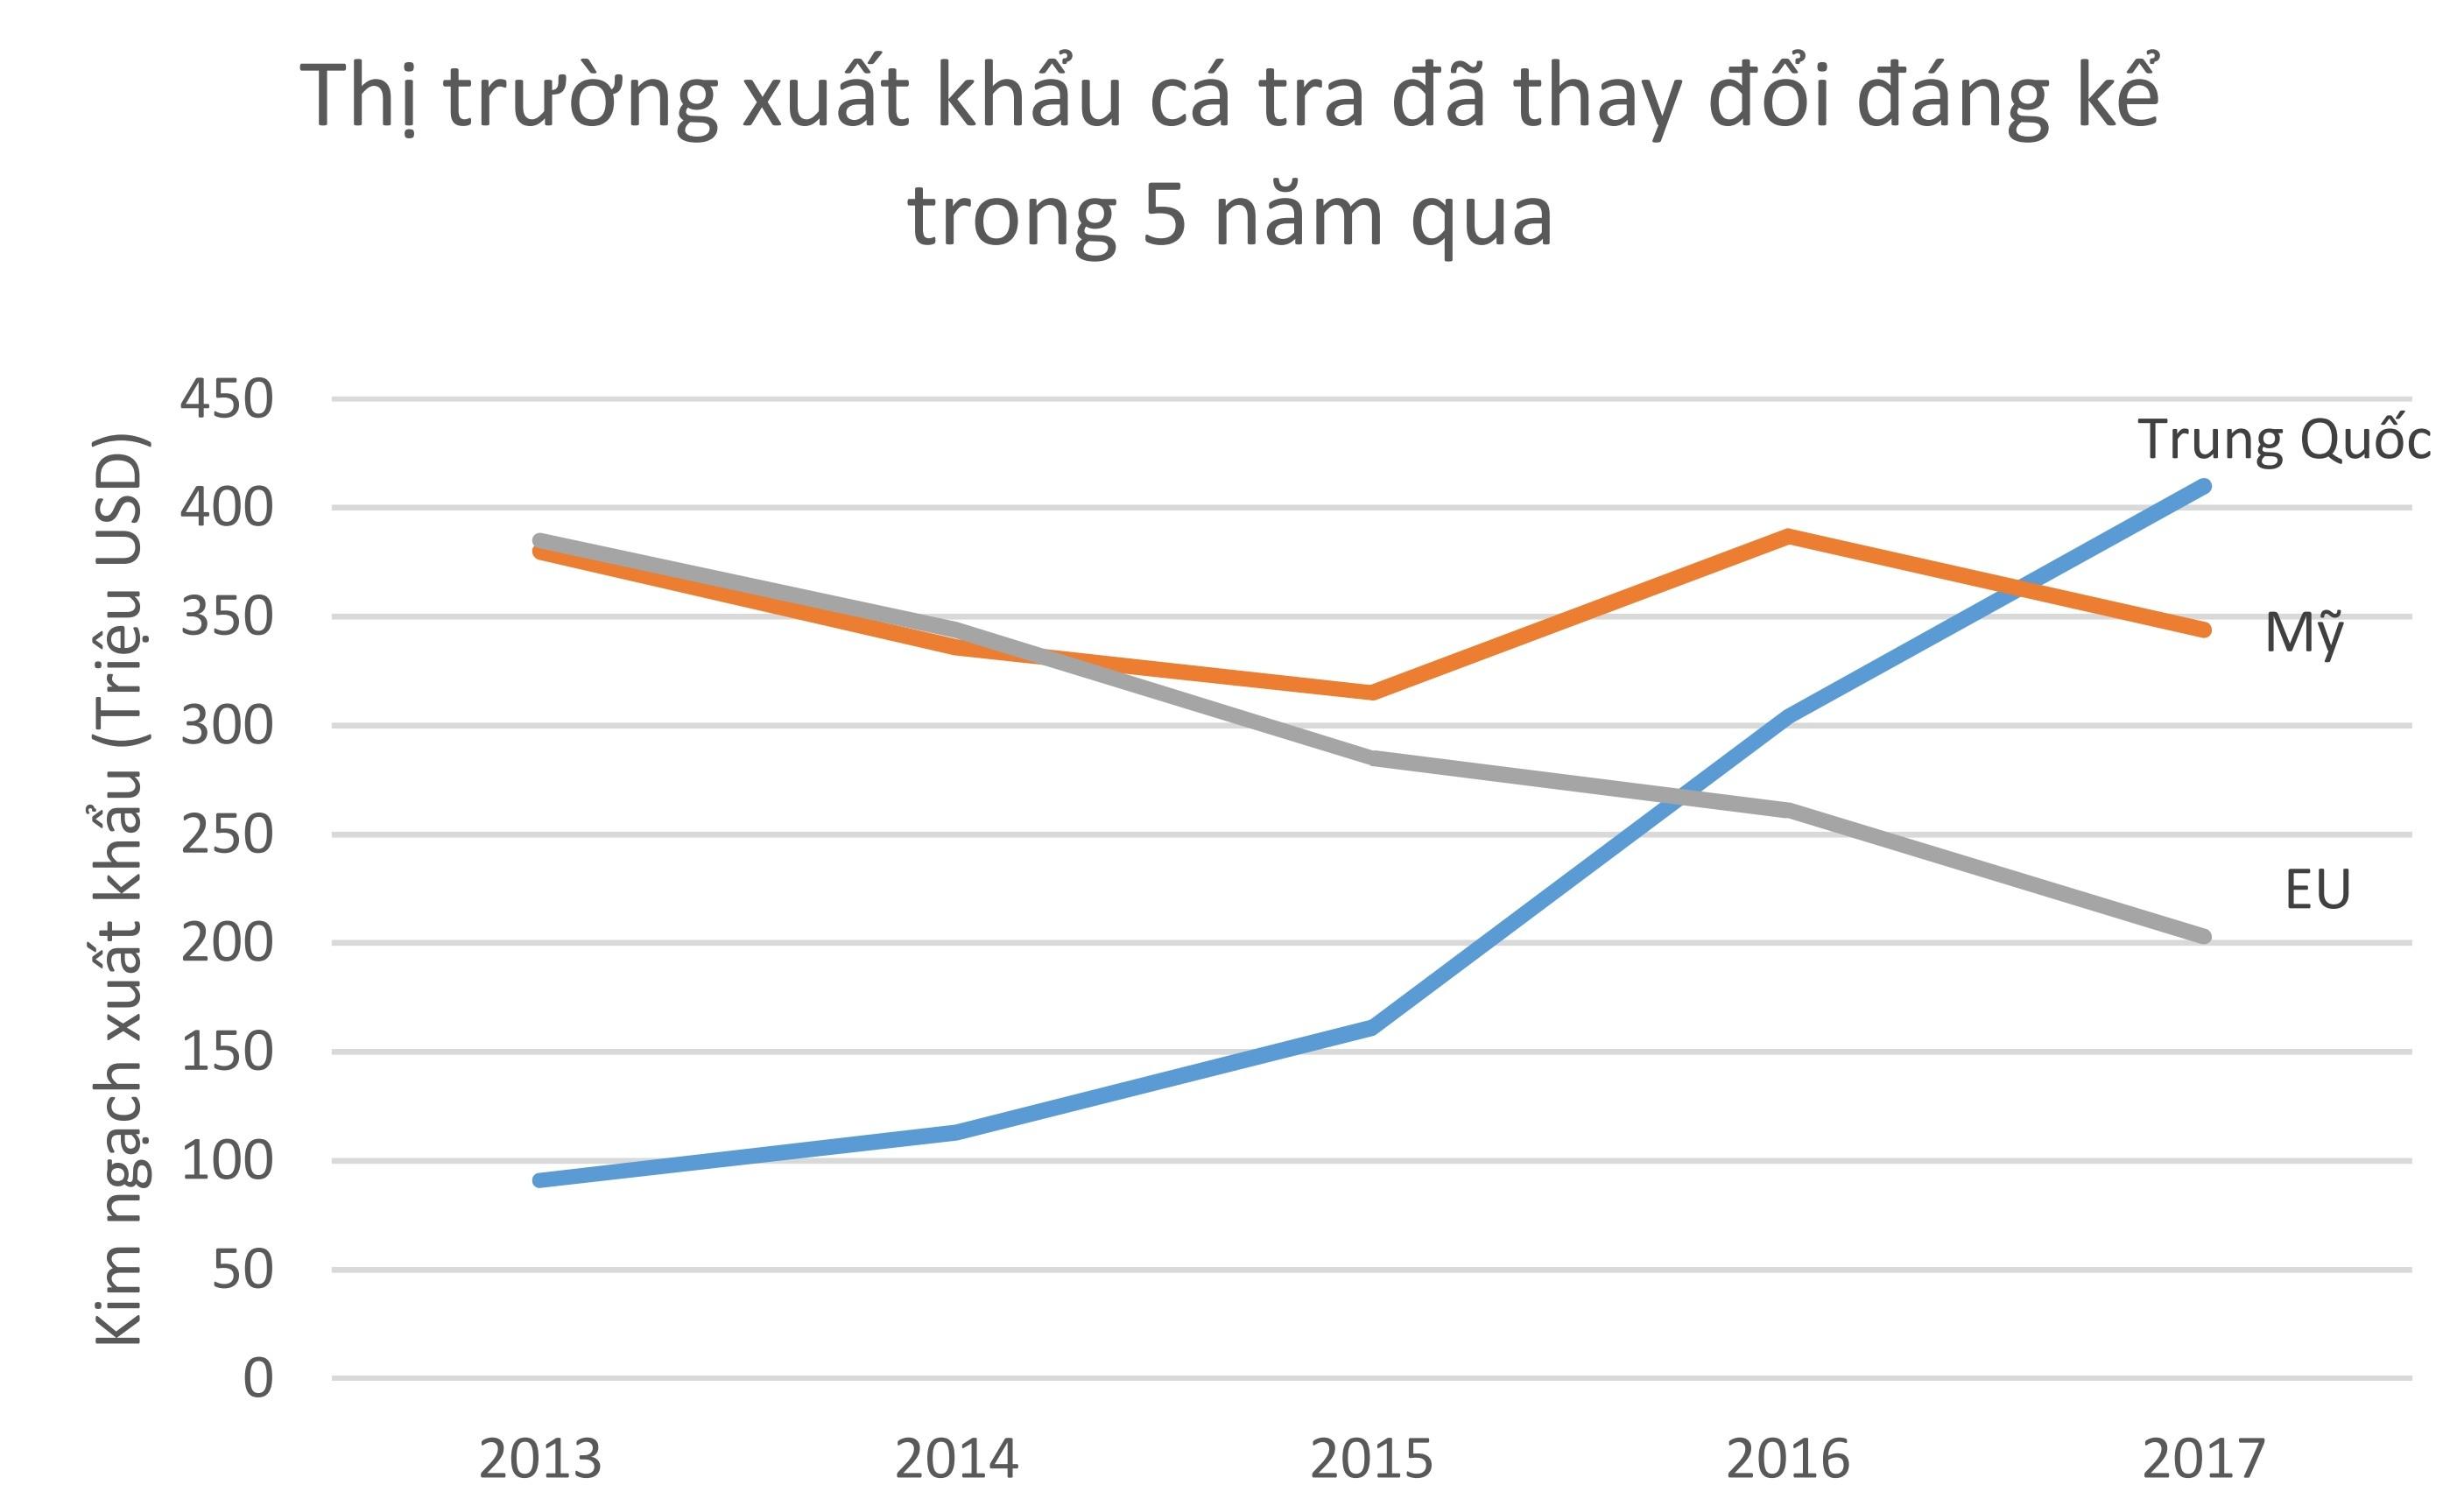 Gặp khó với Mỹ, thế mạnh Việt Nam tiến sang Trung Quốc